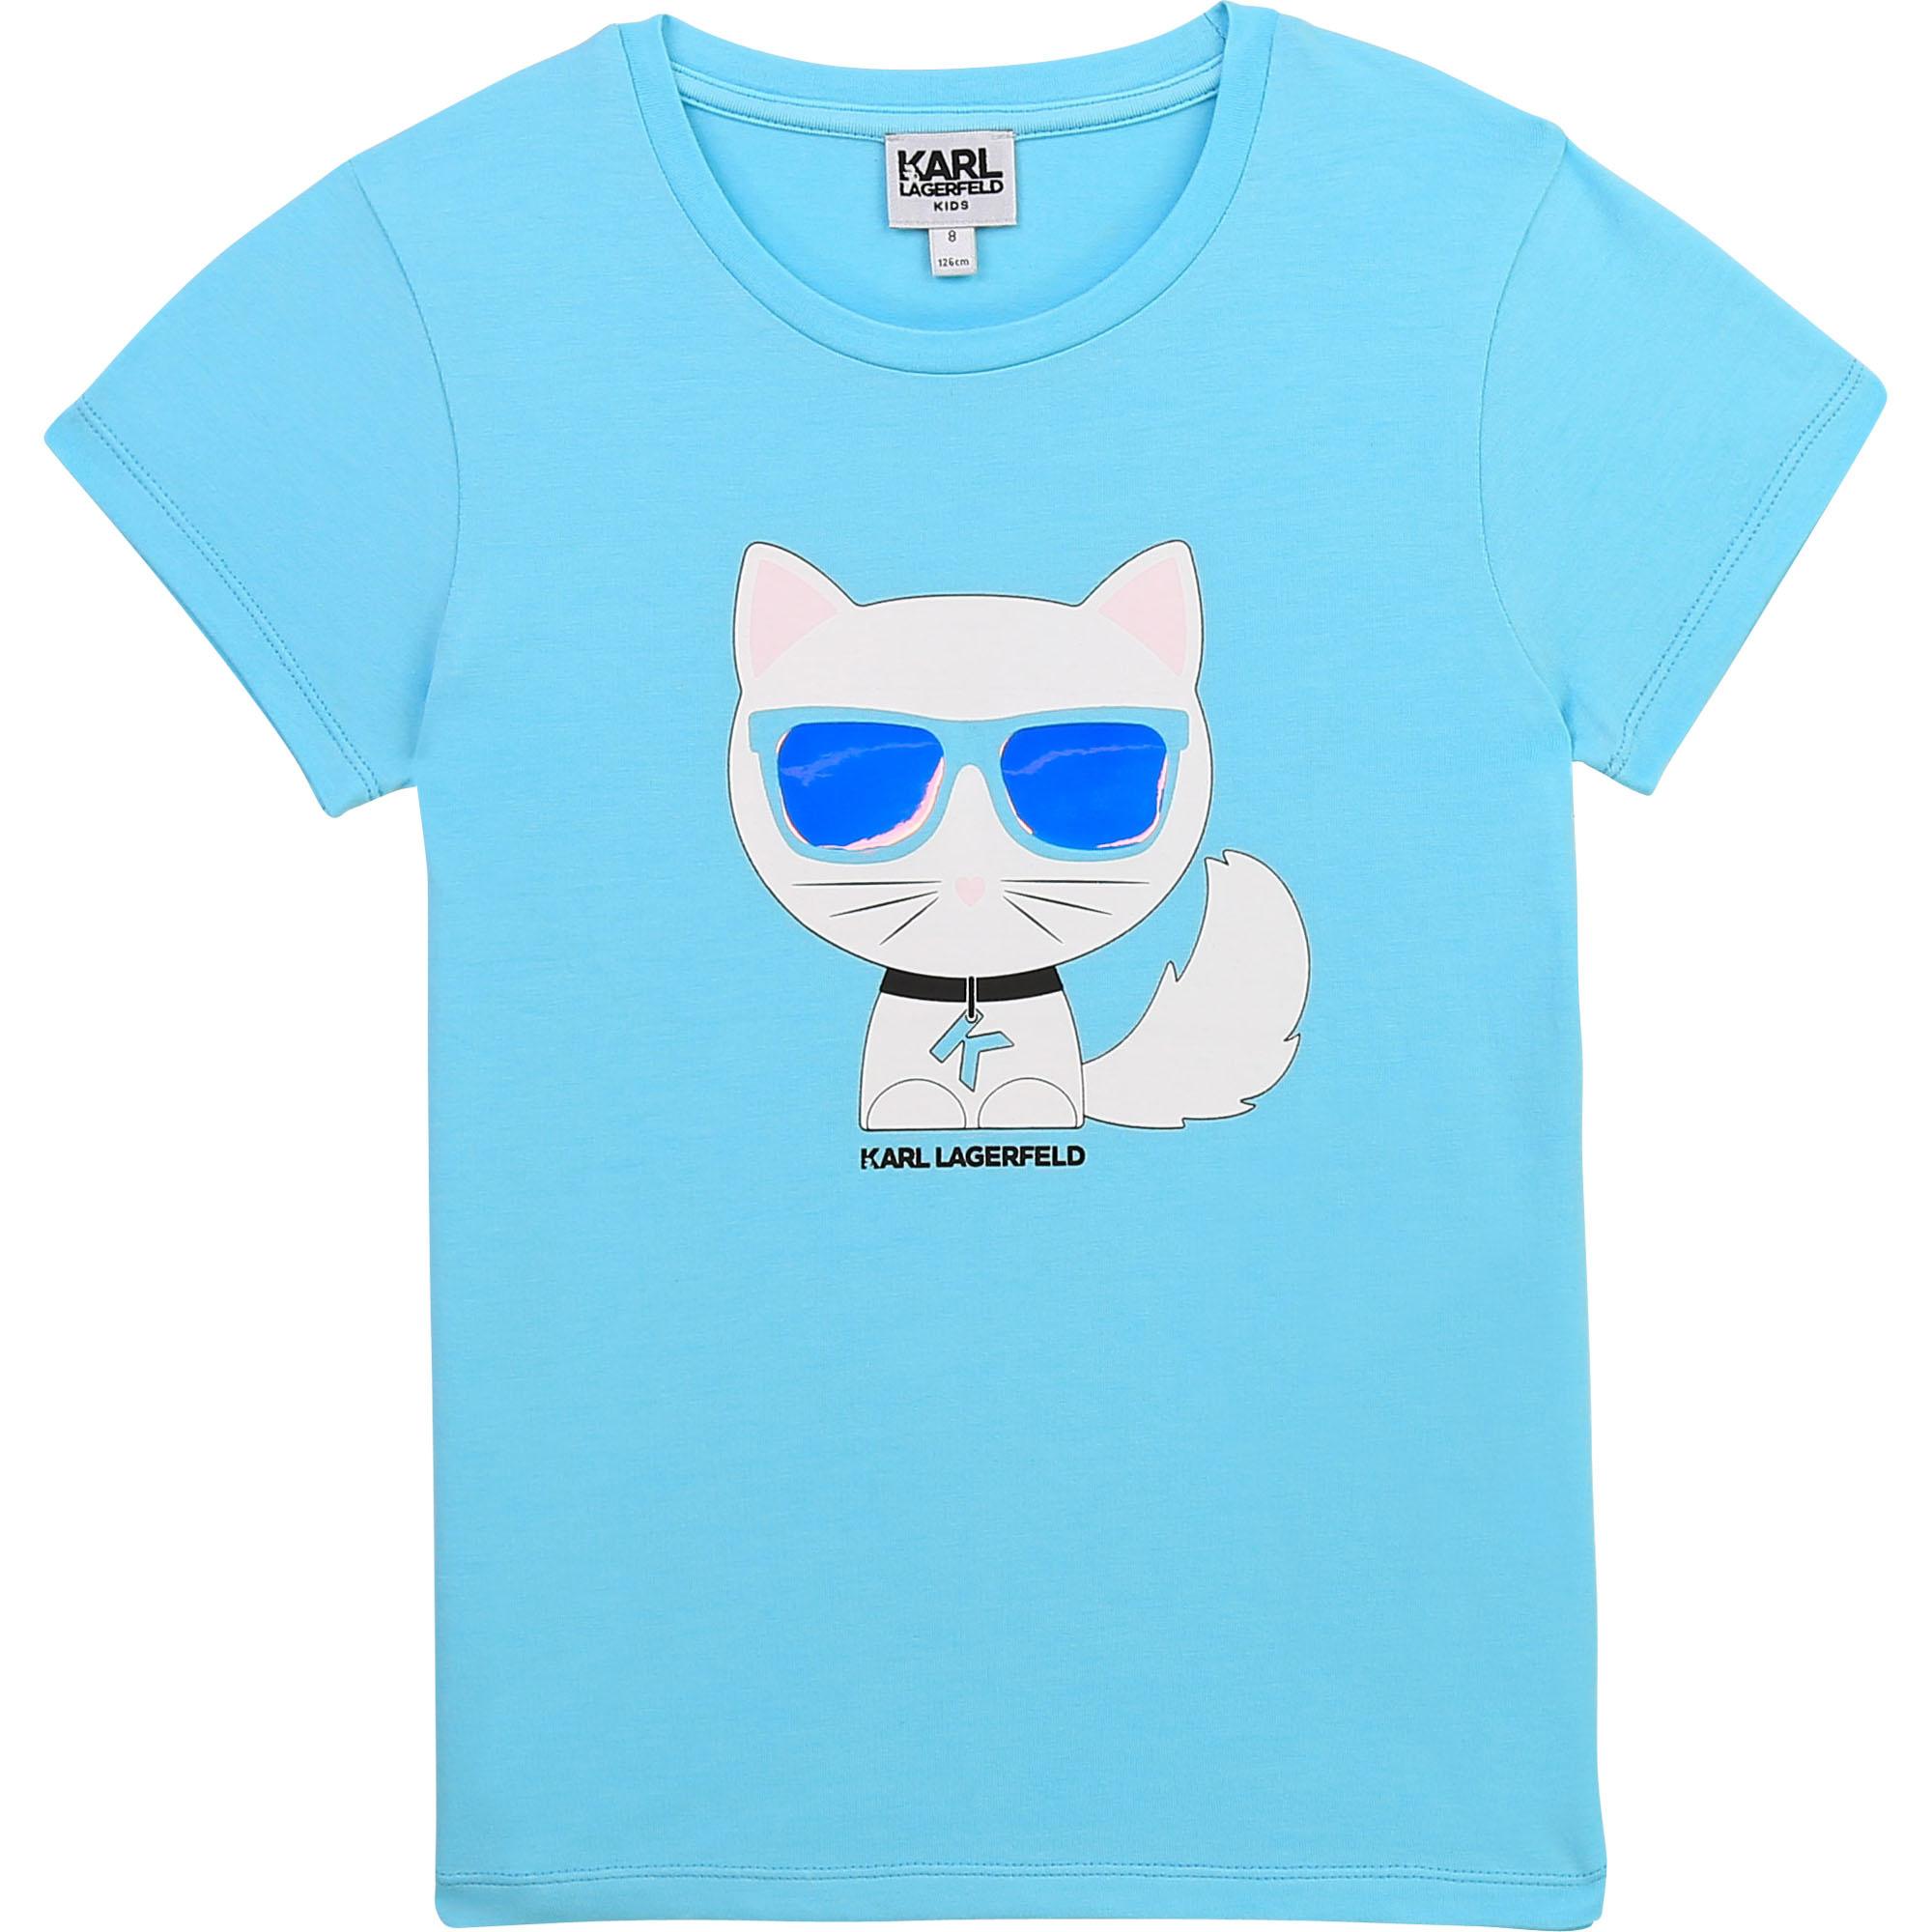 KARL LAGERFELD KIDS t-shirt fantaisie-1